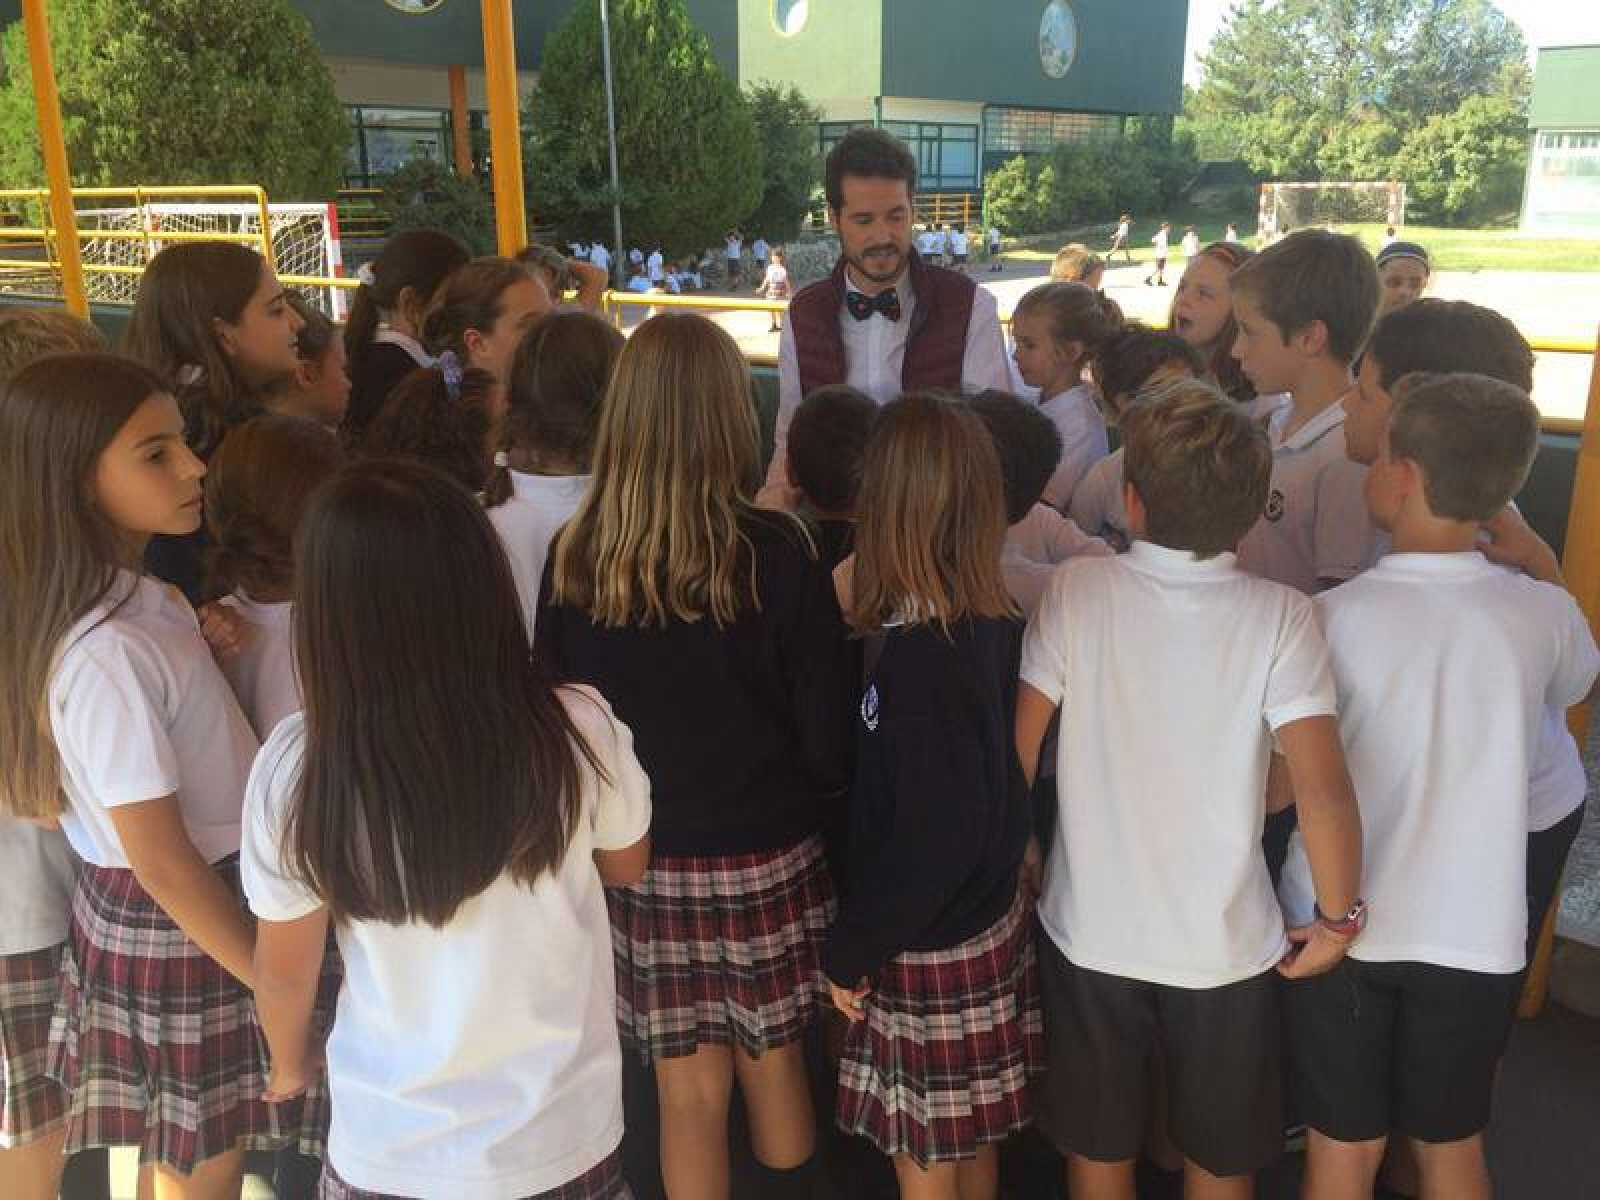 El profesor James Van der Lust recorrerá diferentes colegios de España para conocer proyectos educativos originales